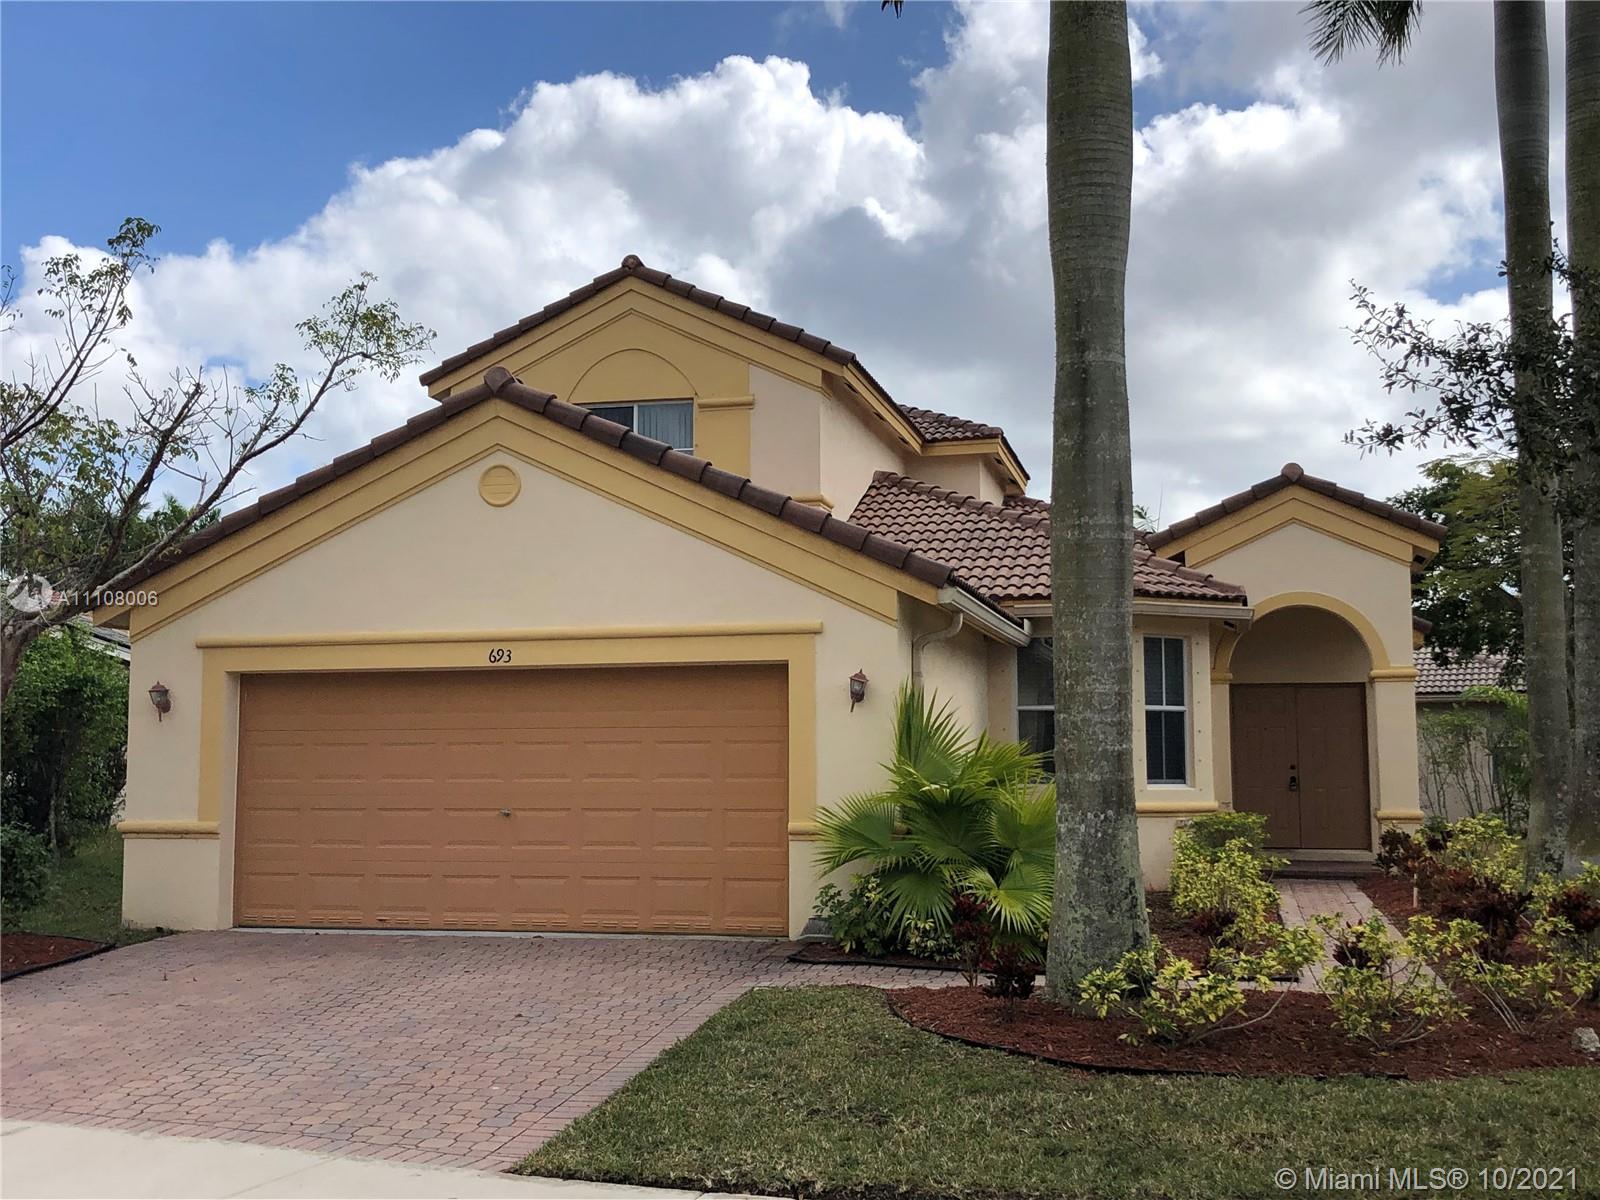 Weston - 693 Live Oak Ln, Weston, FL 33327